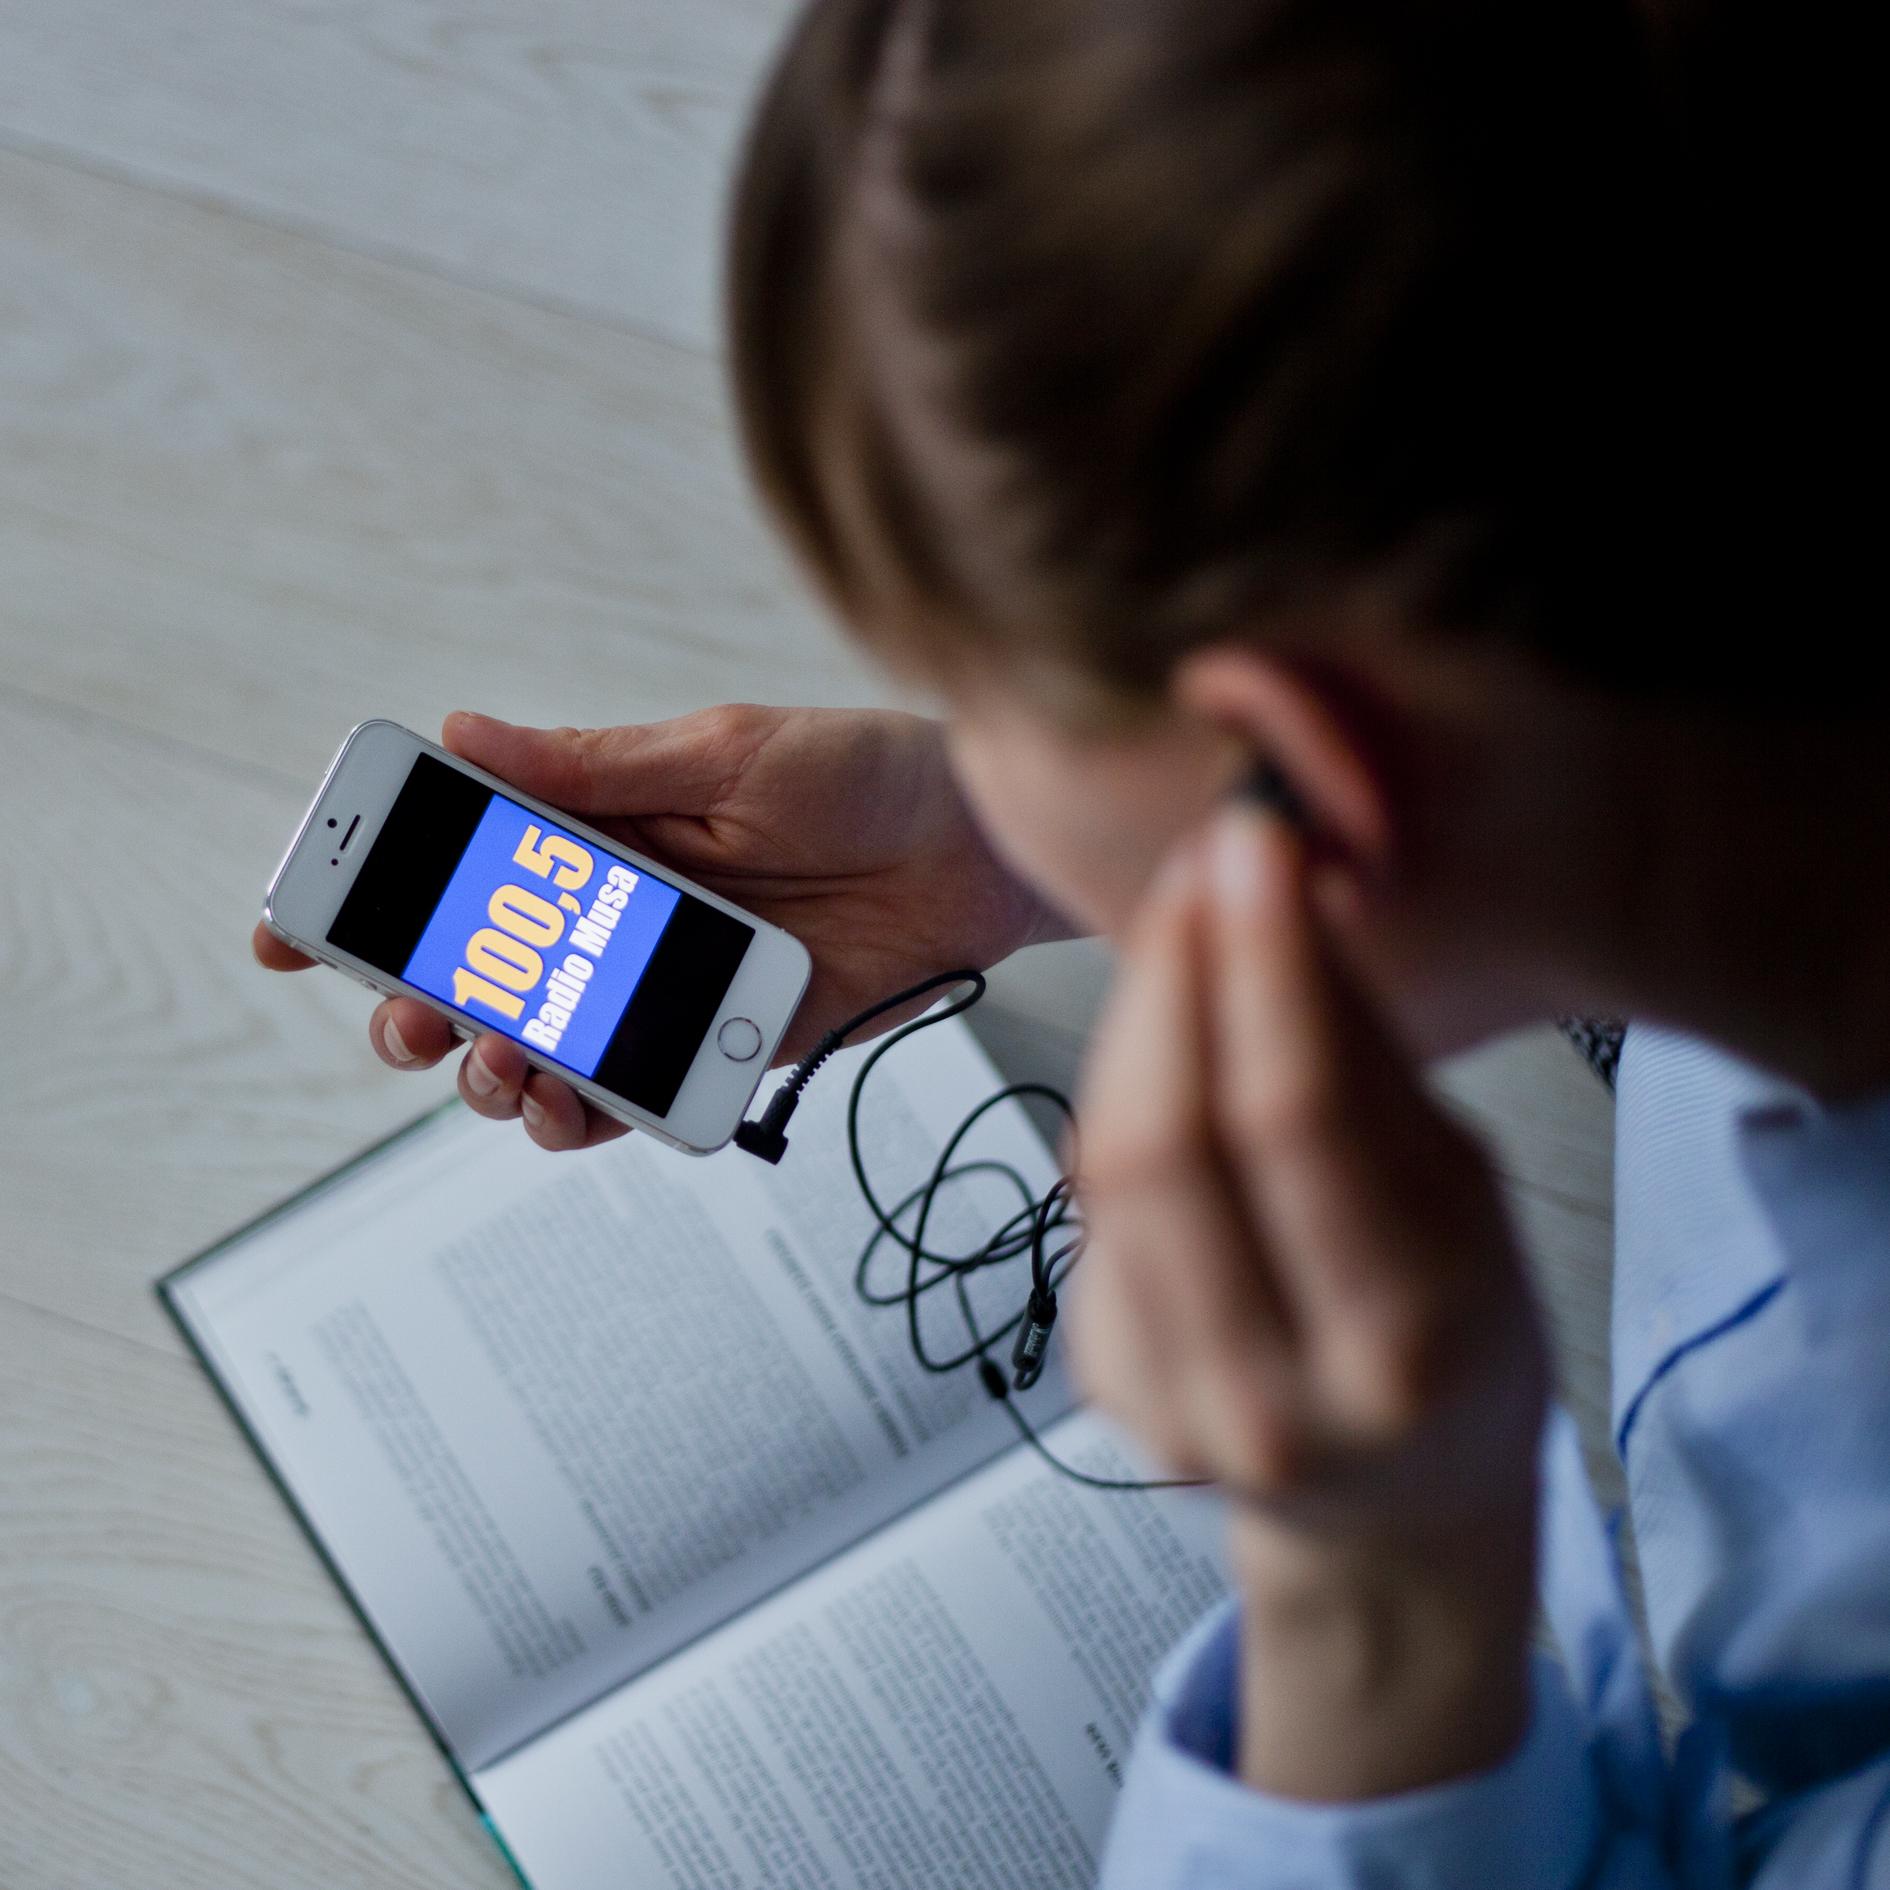 Kuuntele Radio Musaa netissä!